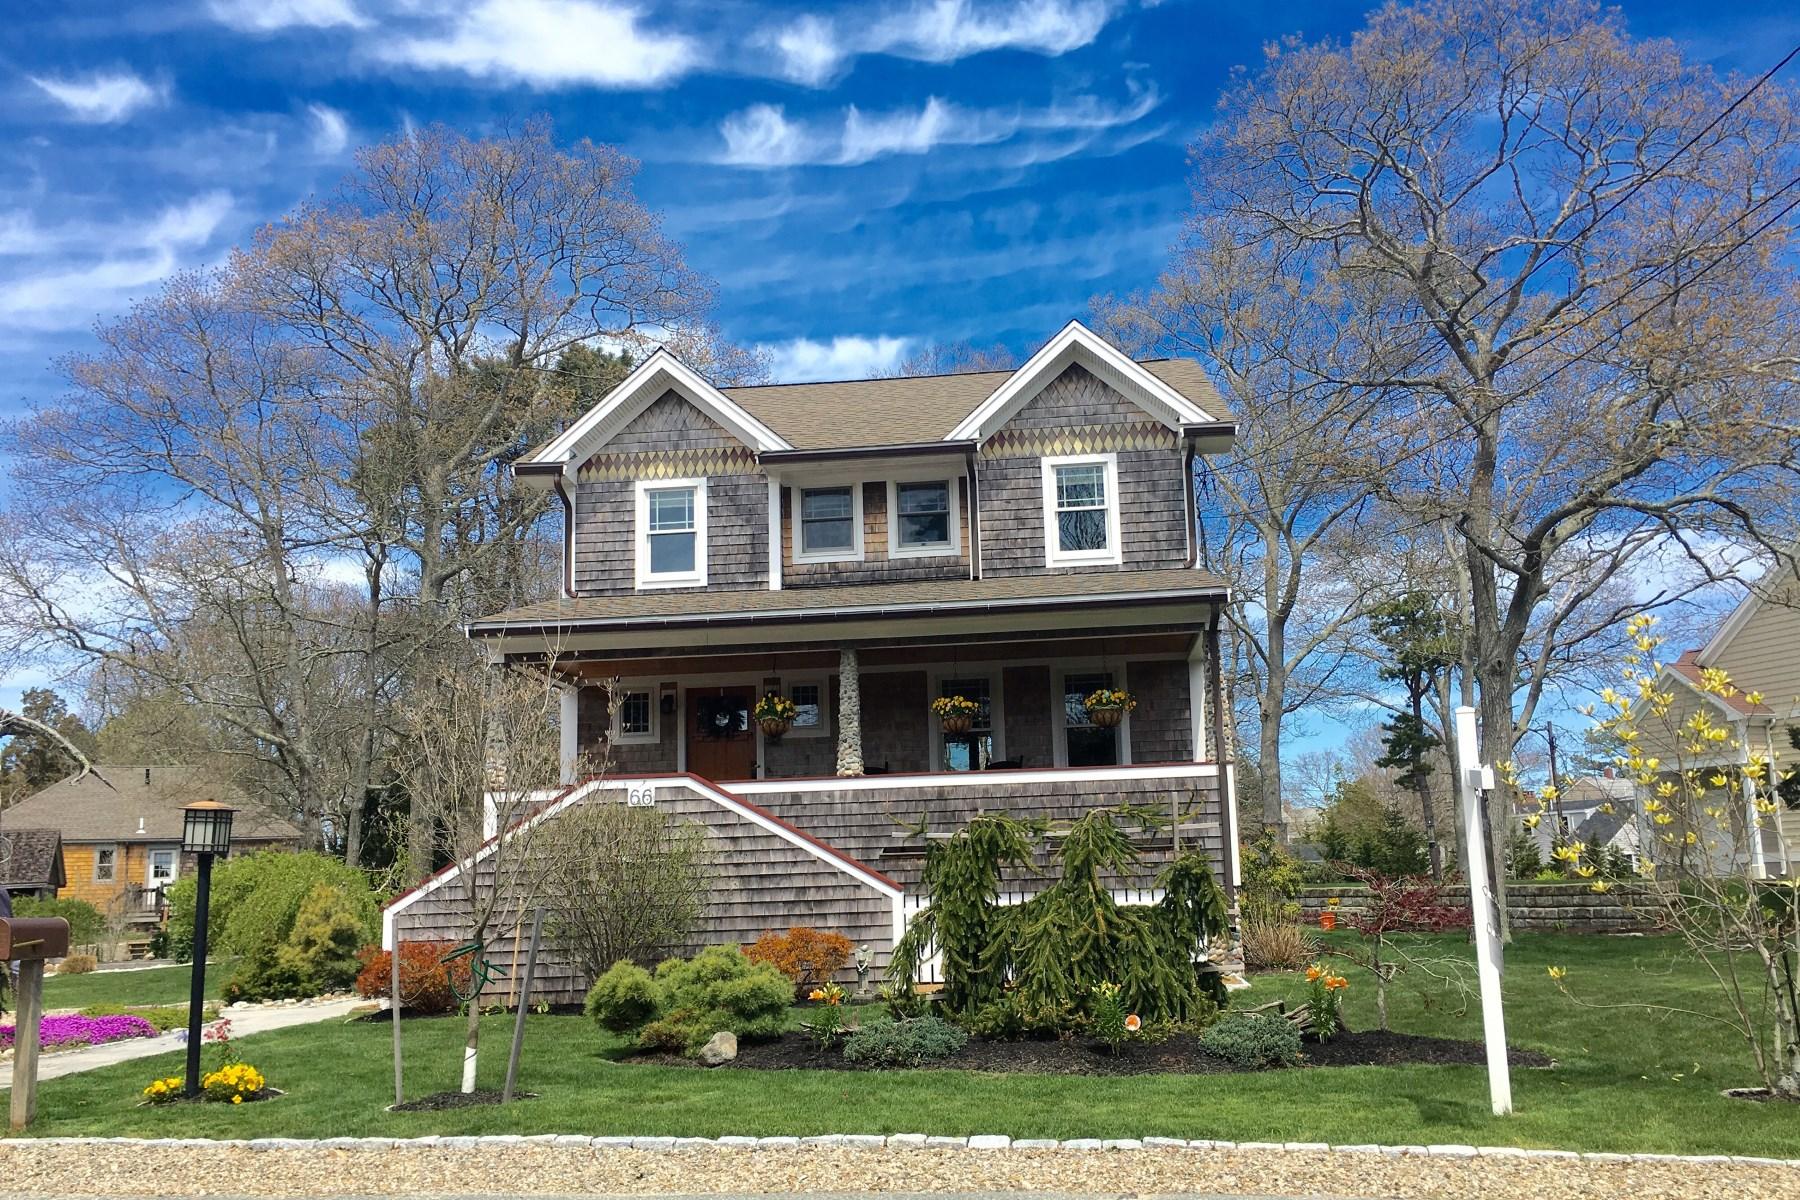 Maison unifamiliale pour l Vente à Wenaumet Bluffs Shingle Style Home 66 Wings Neck Road Pocasset, Massachusetts, 02559 États-Unis